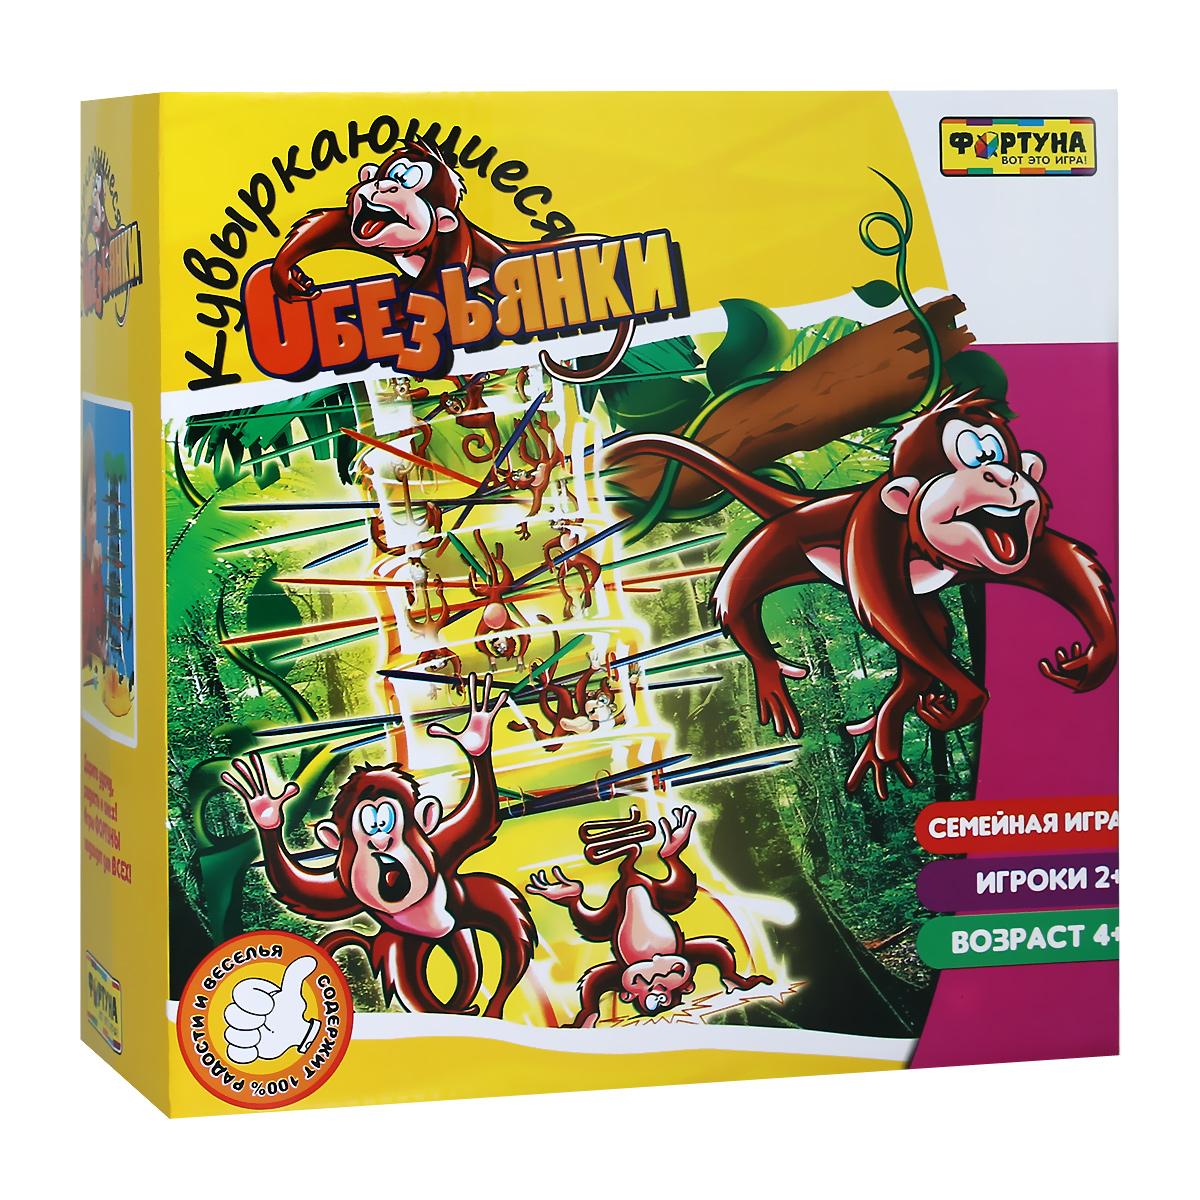 Настольная игра Кувыркающиеся обезьянкиФ51234Настольная игра Кувыркающиеся обезьянки - веселая семейная игра, целью которой является собрать наименьшее количество обезьянок. Самое главное в игре - не уронить ни одной обезьянки, или уронить, но как можно меньше! Палочки в пальме образуют сетку для ловли обезьянок. Вытягивая палочку, ухитритесь перевесить обезьянку на другую палочку. Как только все обезьянки упадут с пальмы, игра заканчивается. Игрок, собравший минимальное количество упавших обезьянок, становится победителем. Комплект игры содержит четыре элемента для сборки пальмы, 16 цветных палочек, кубик, 20 фигурок обезьянок и правила игры на русском языке. Игра развивает ловкость, аккуратность и умение действовать без спешки.